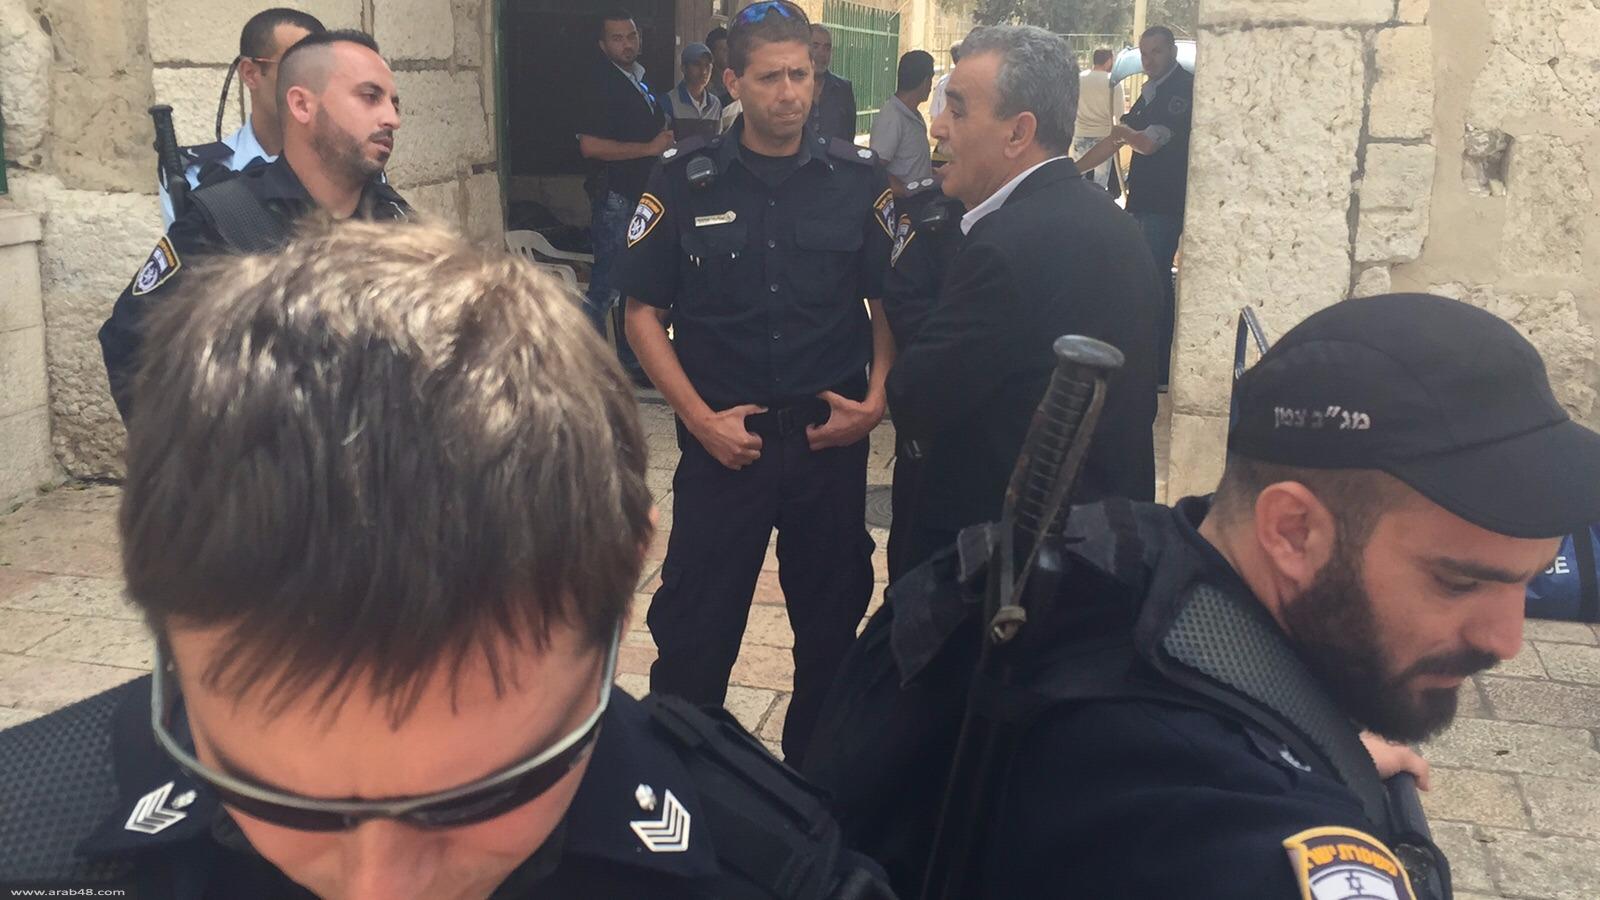 شرطة الاحتلال تمنع النائب زحالقة من دخول المسجد الأقصى